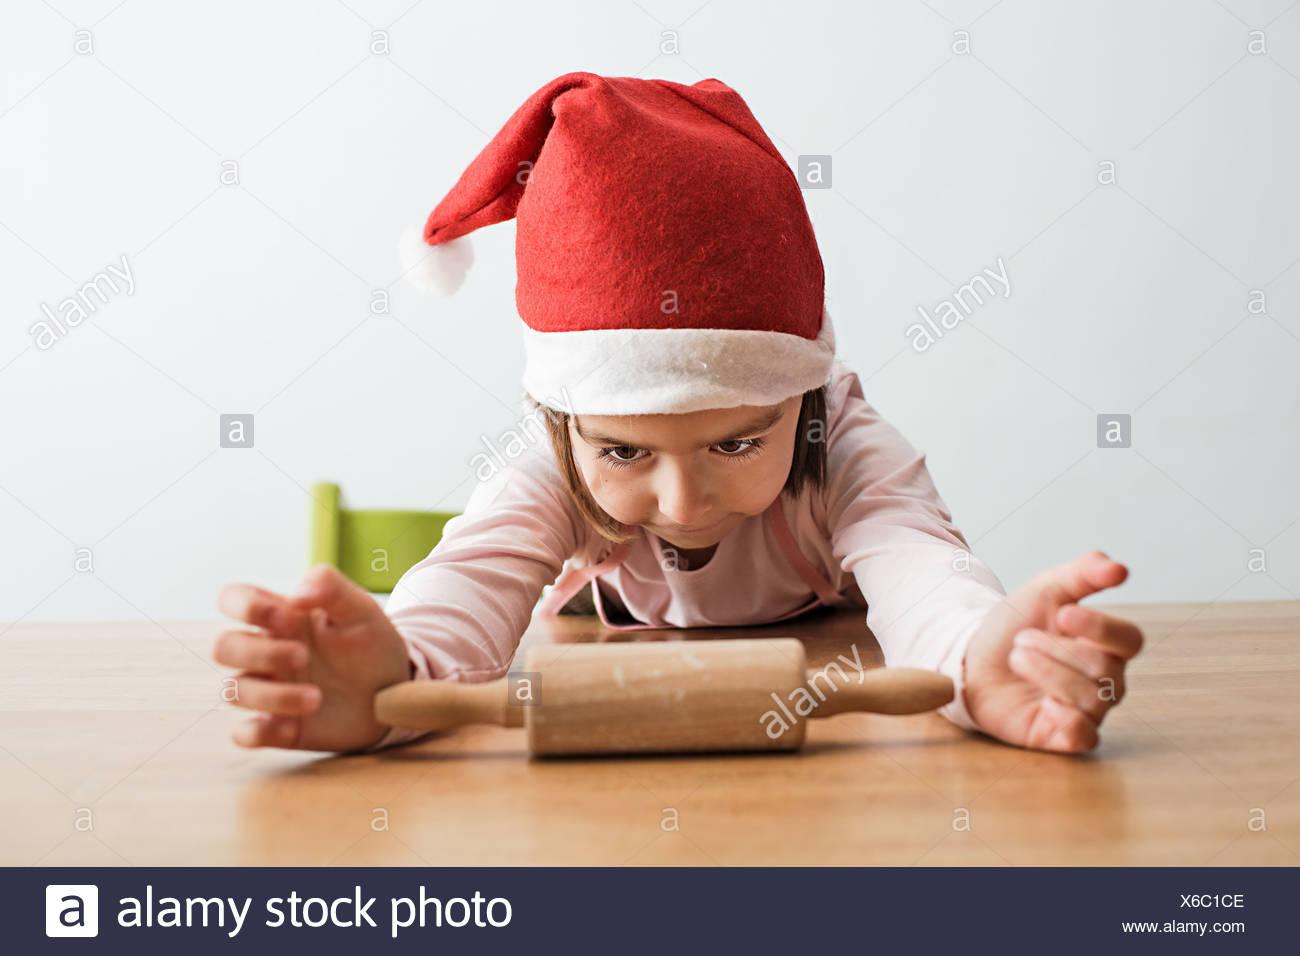 Mädchen starrte Nudelholz Stockbild